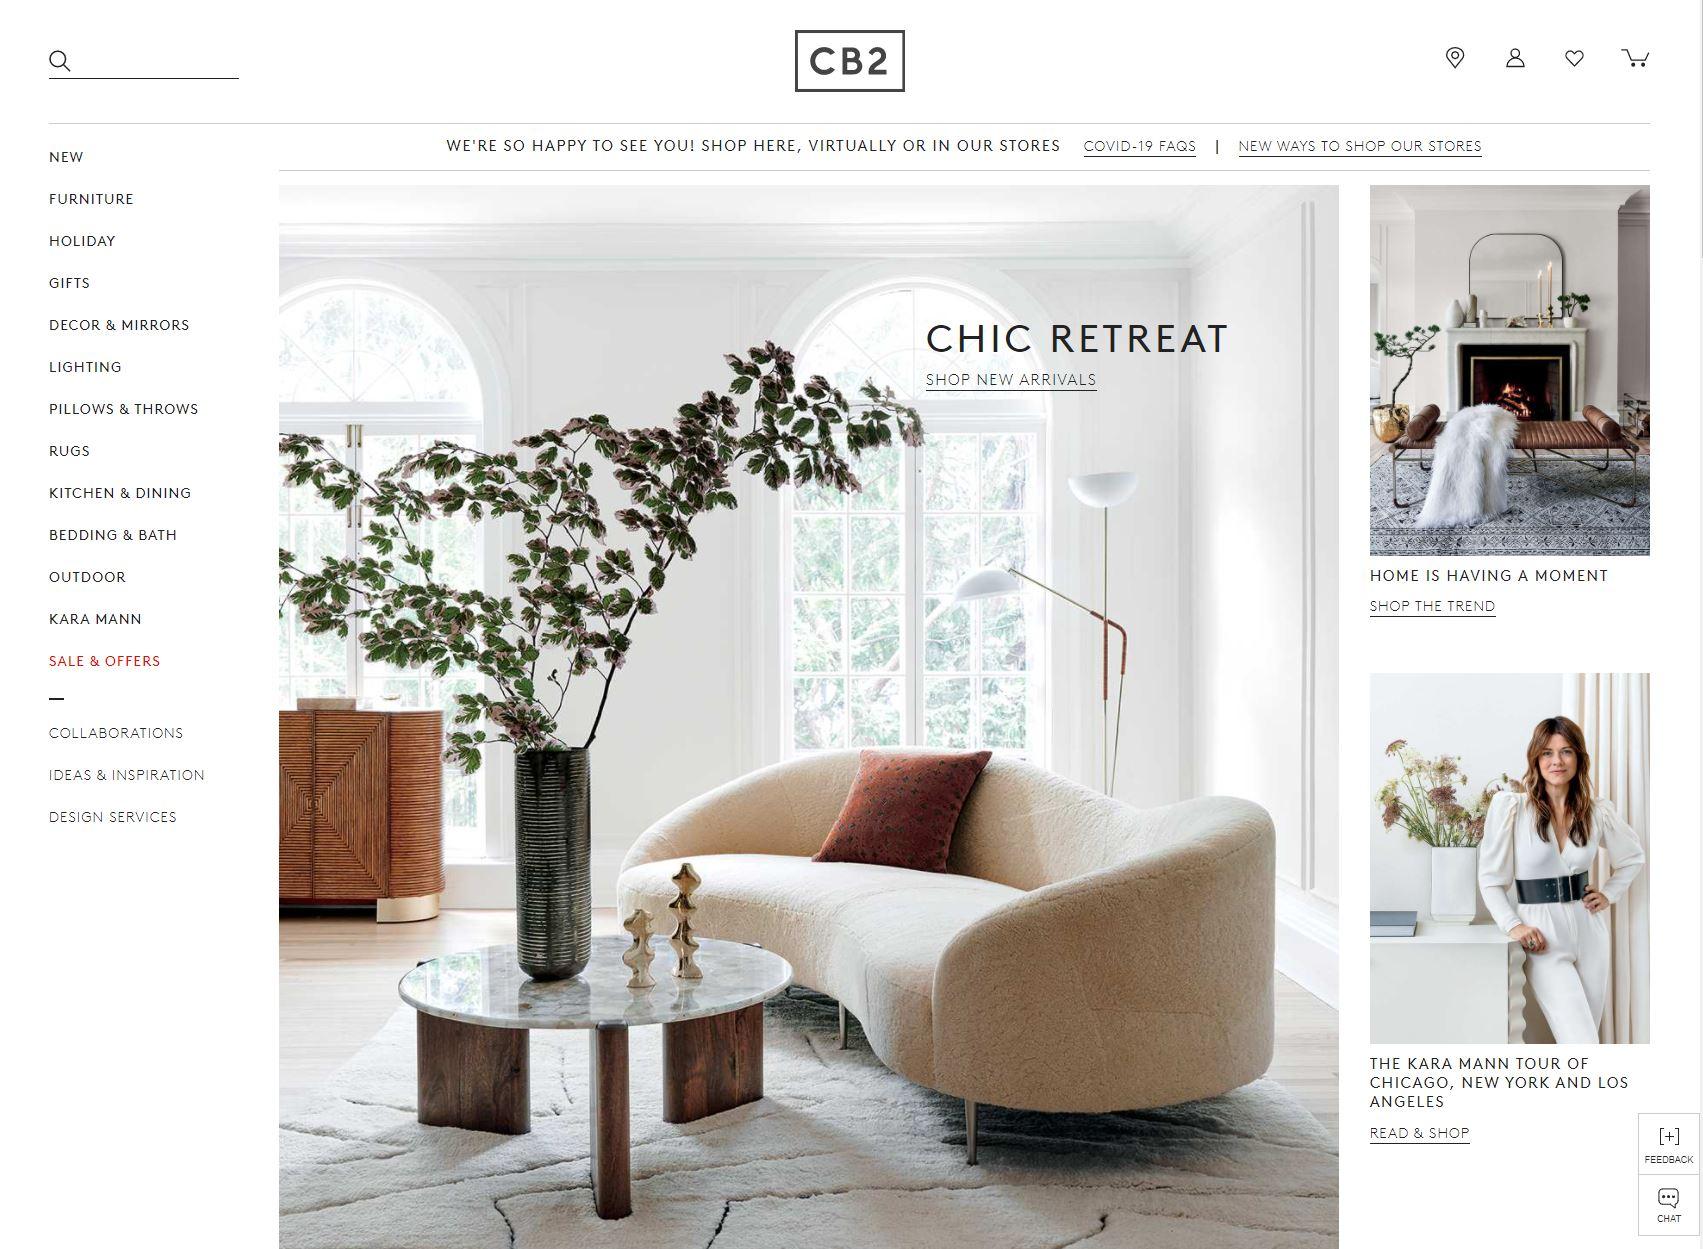 a screenshot of the CB2 website